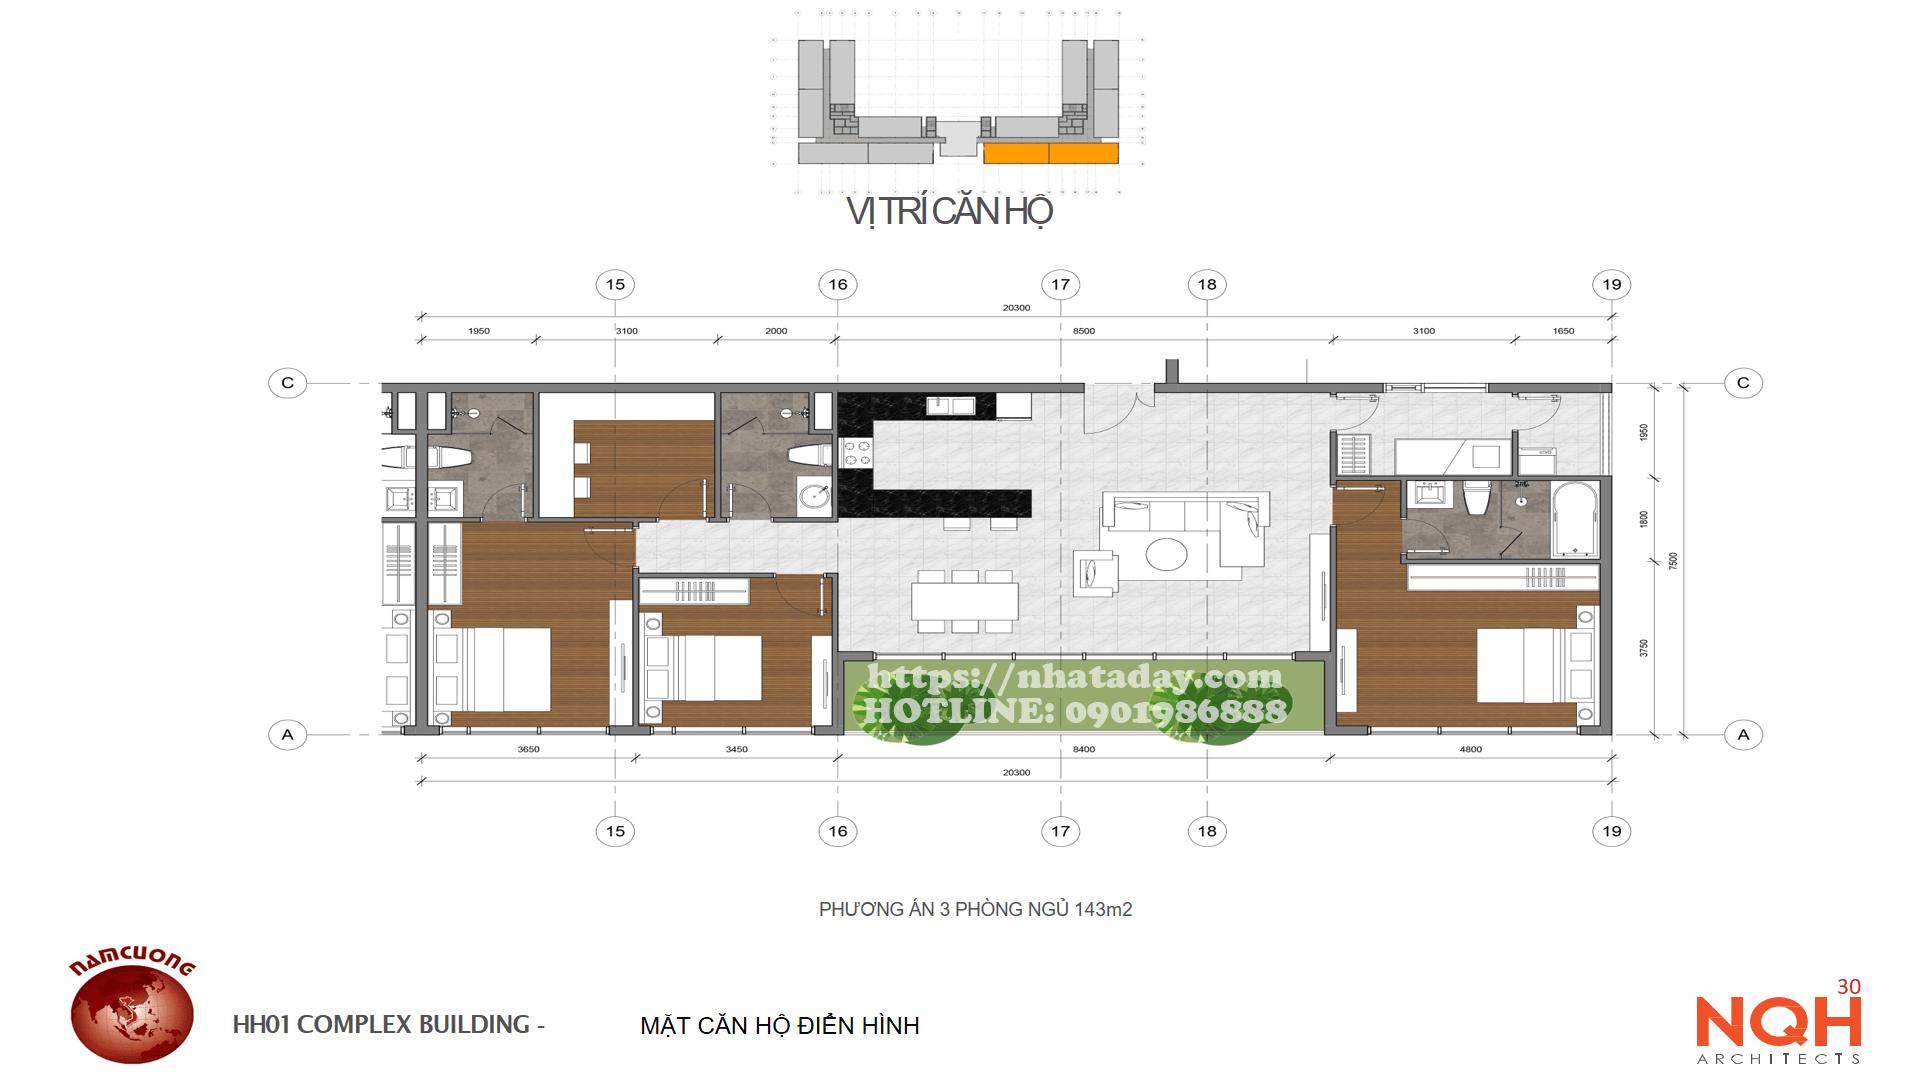 Thiết kế căn hộ 143m2 Chung cư Anland Complex Building Nam Cường Dương Nội